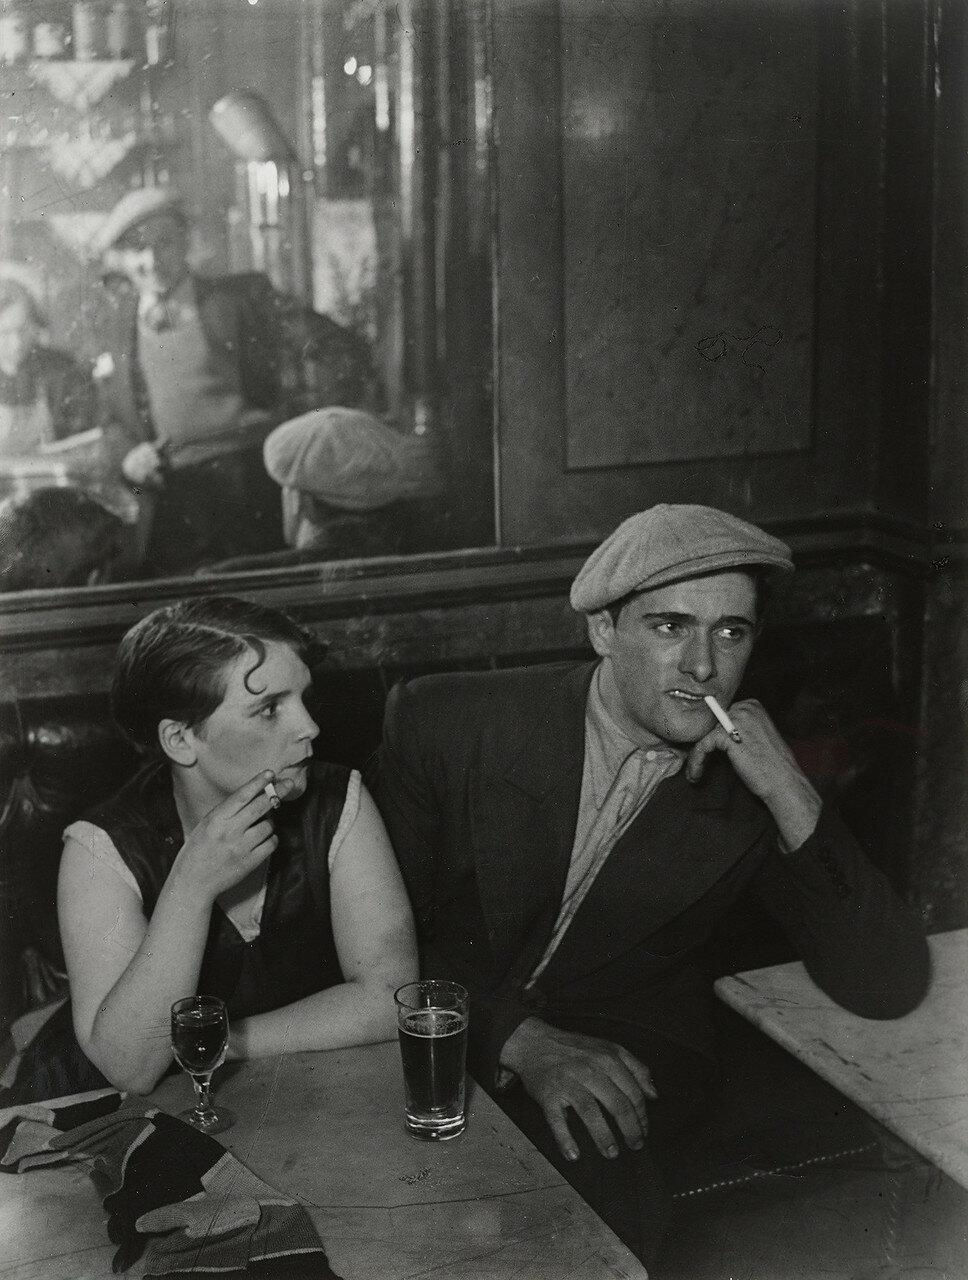 1931. Пара в баре, улица Сен-Дени